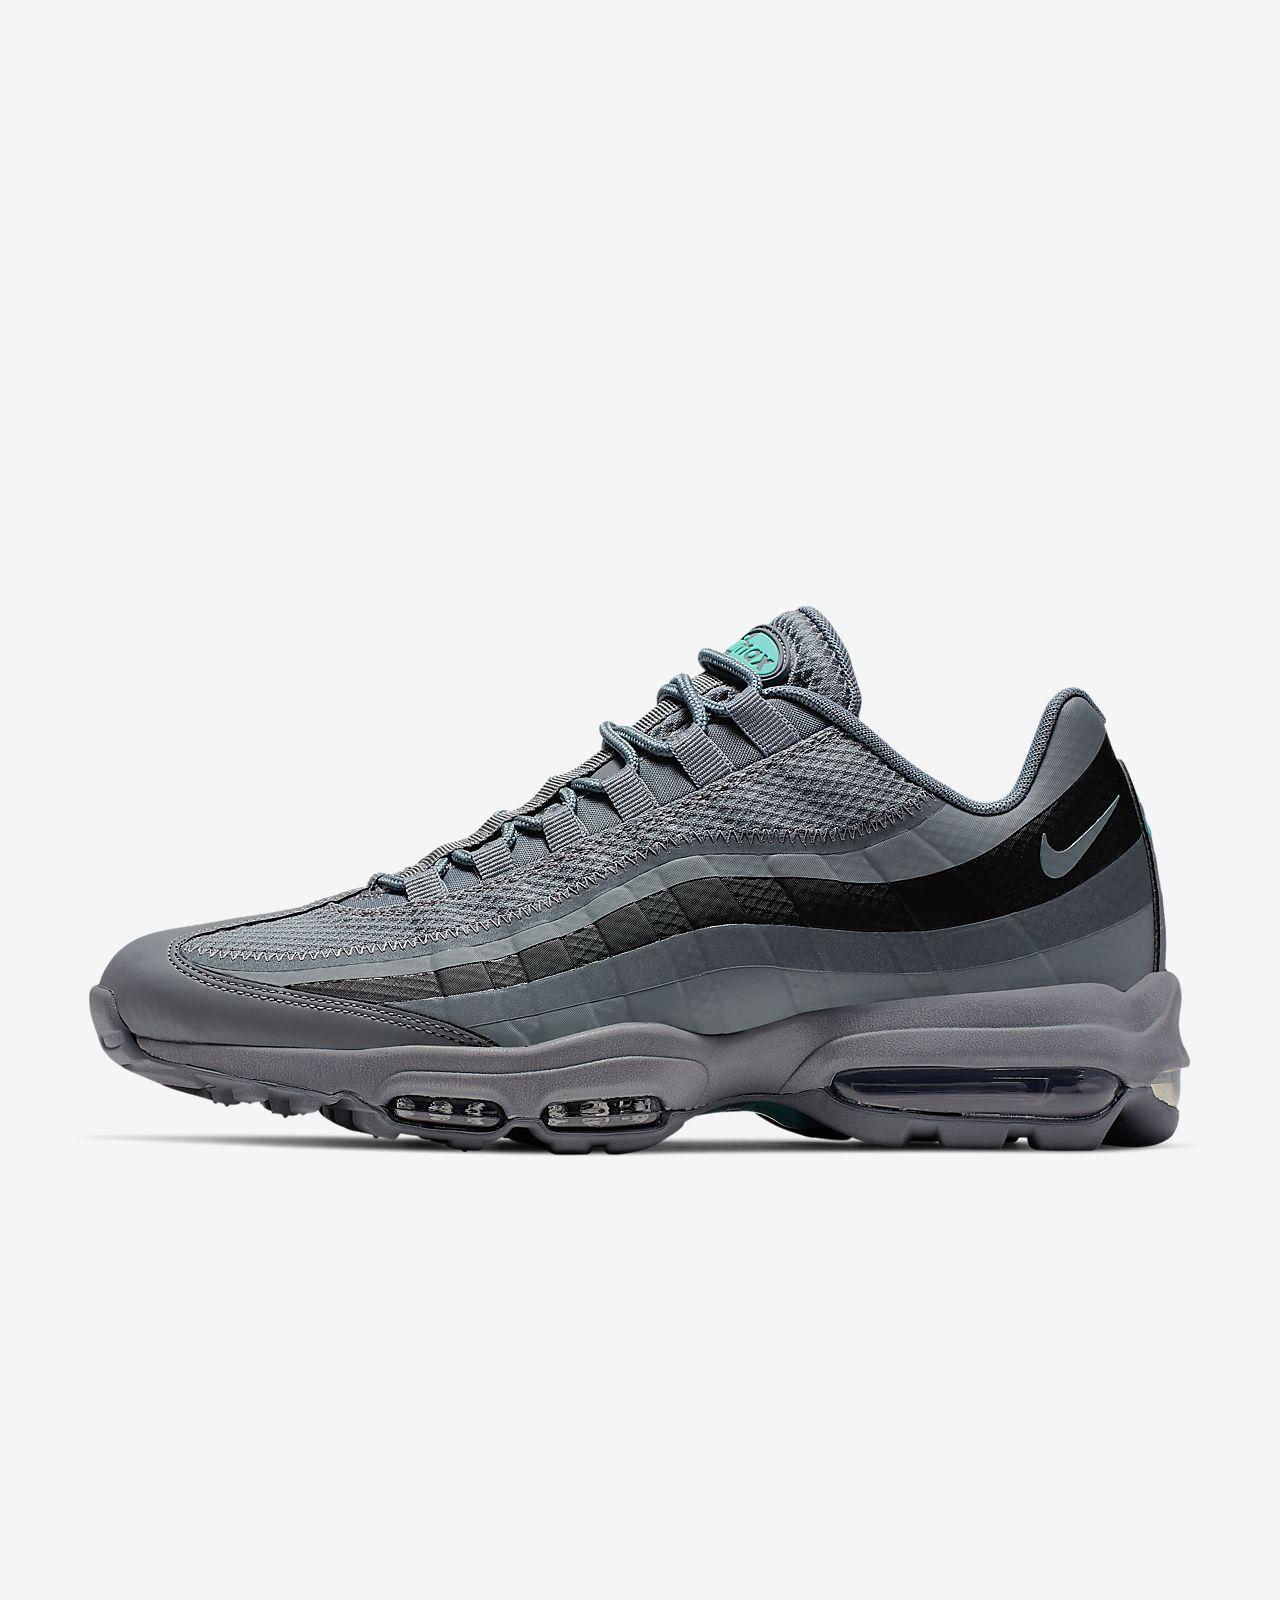 Nike Air Max 95 Ultra Erkek Ayakkabısı